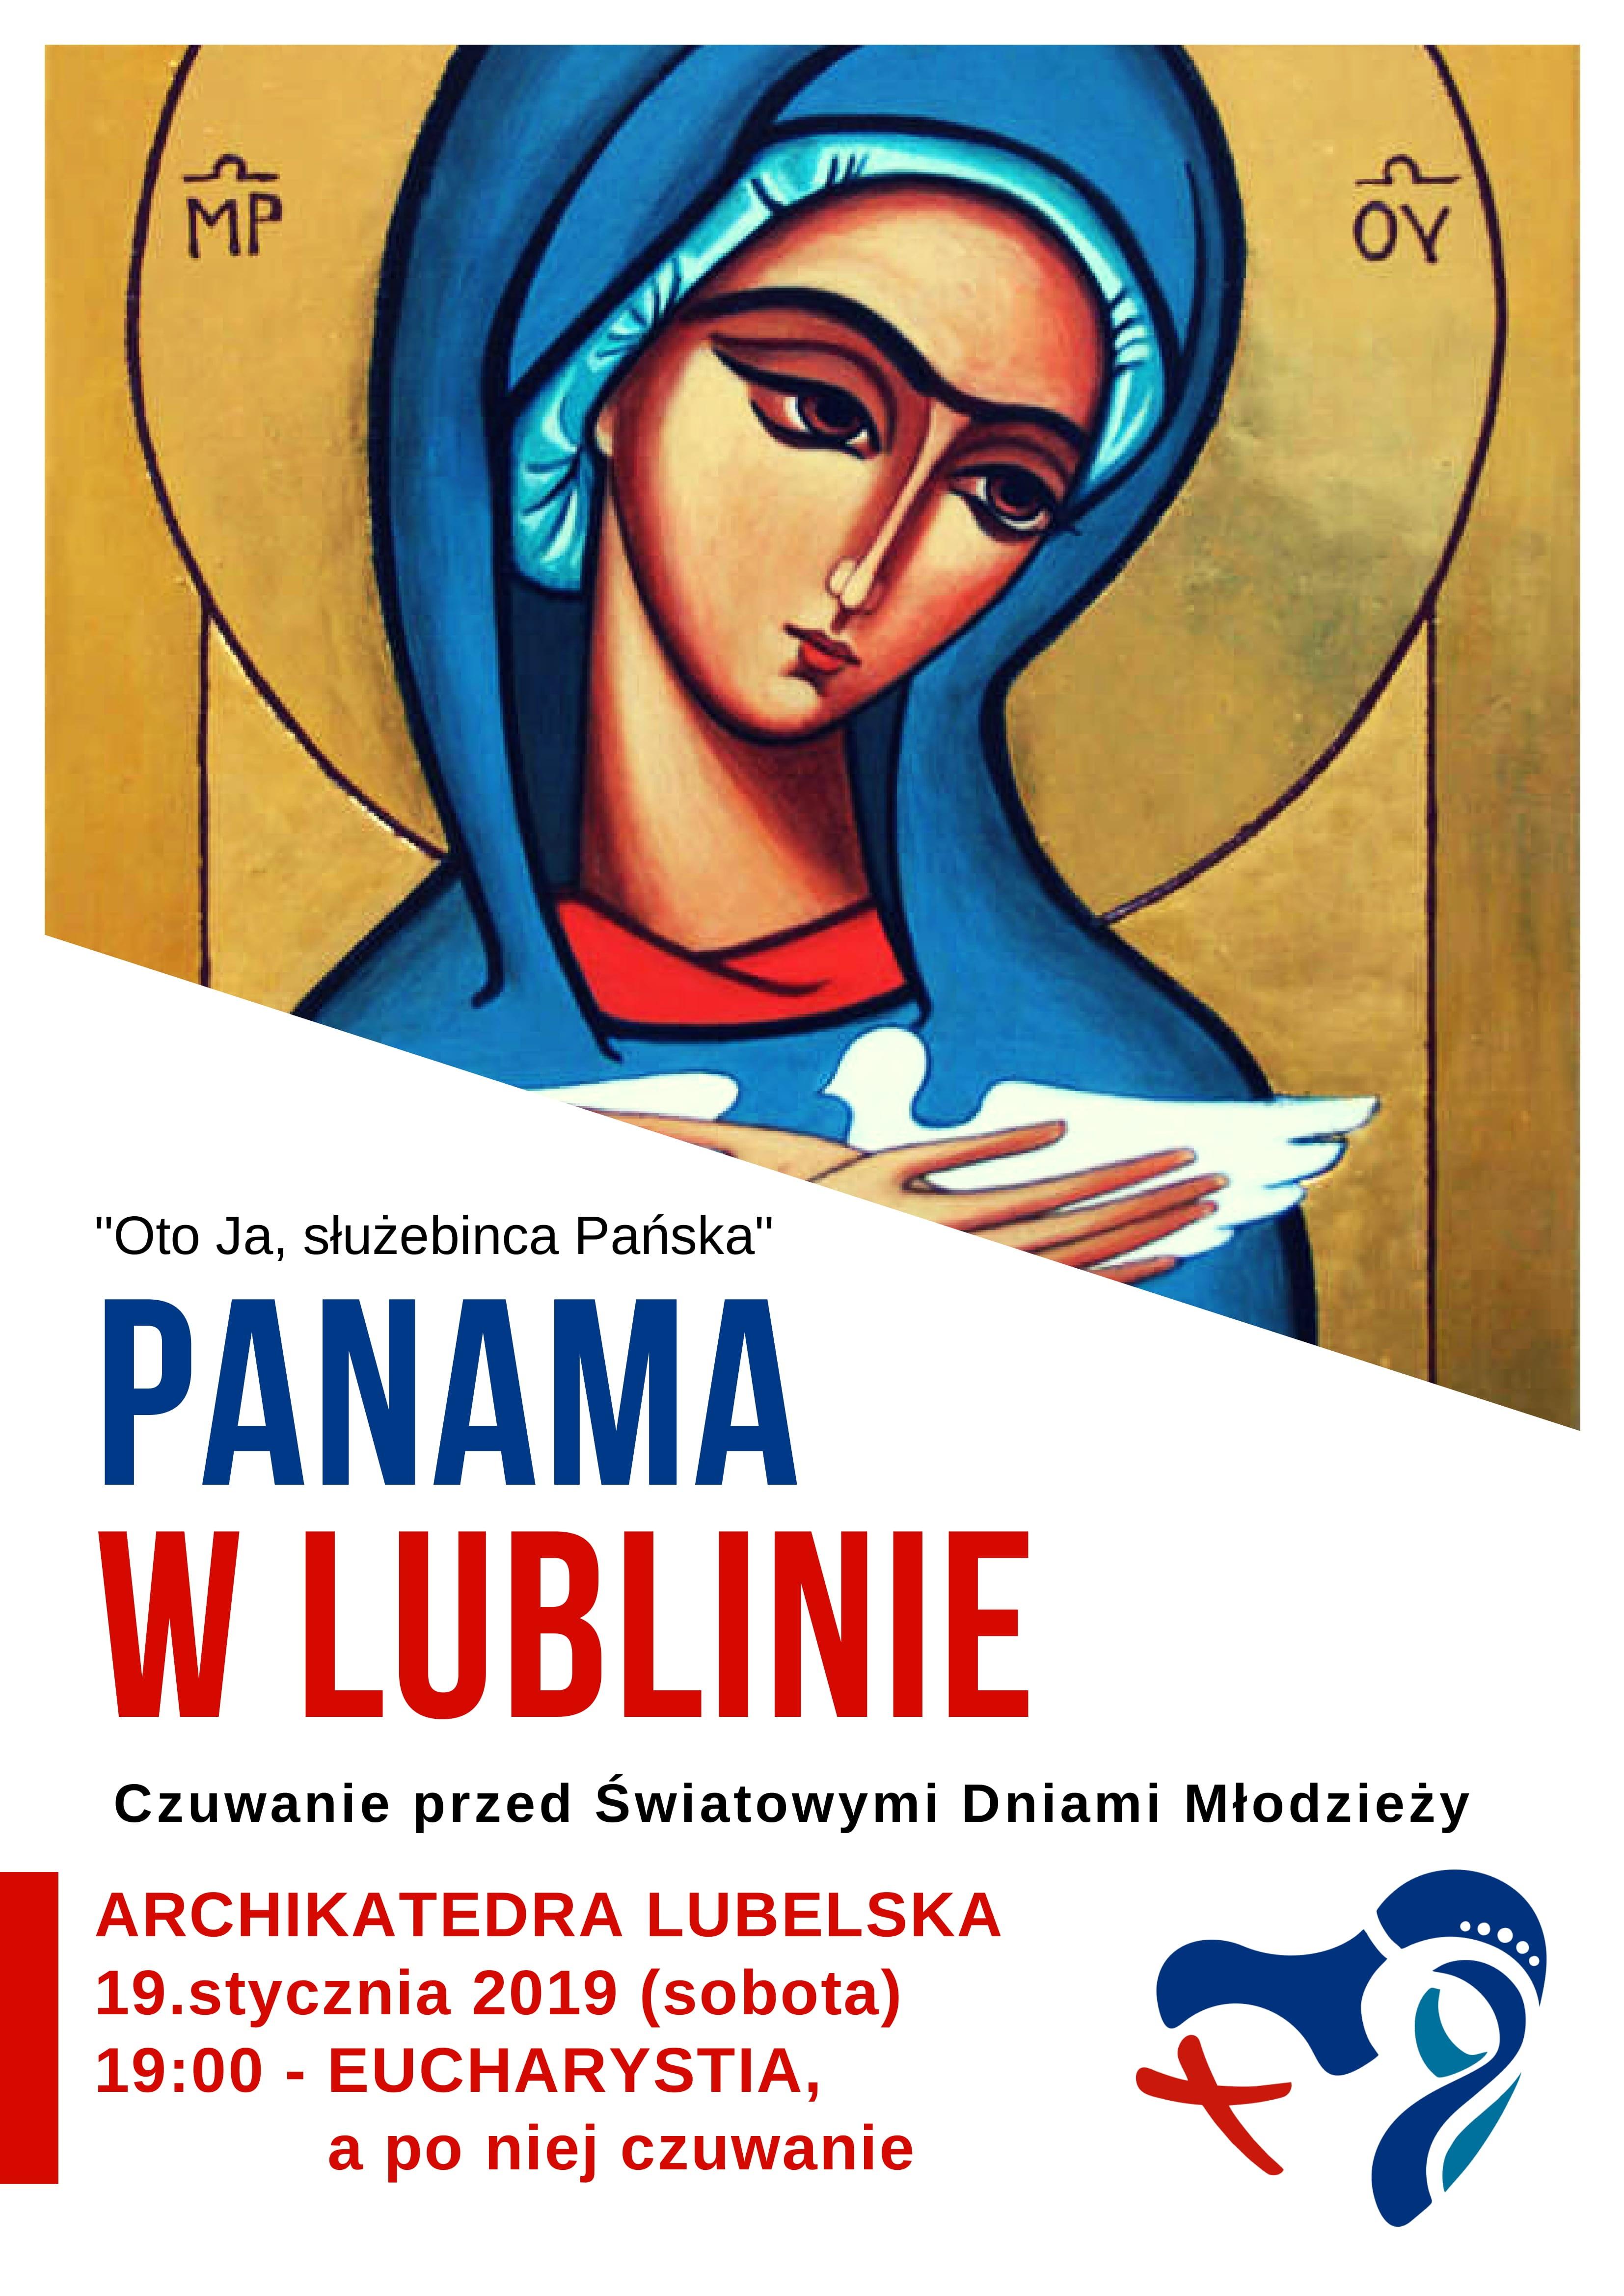 Panama_czuwanie w katedrze